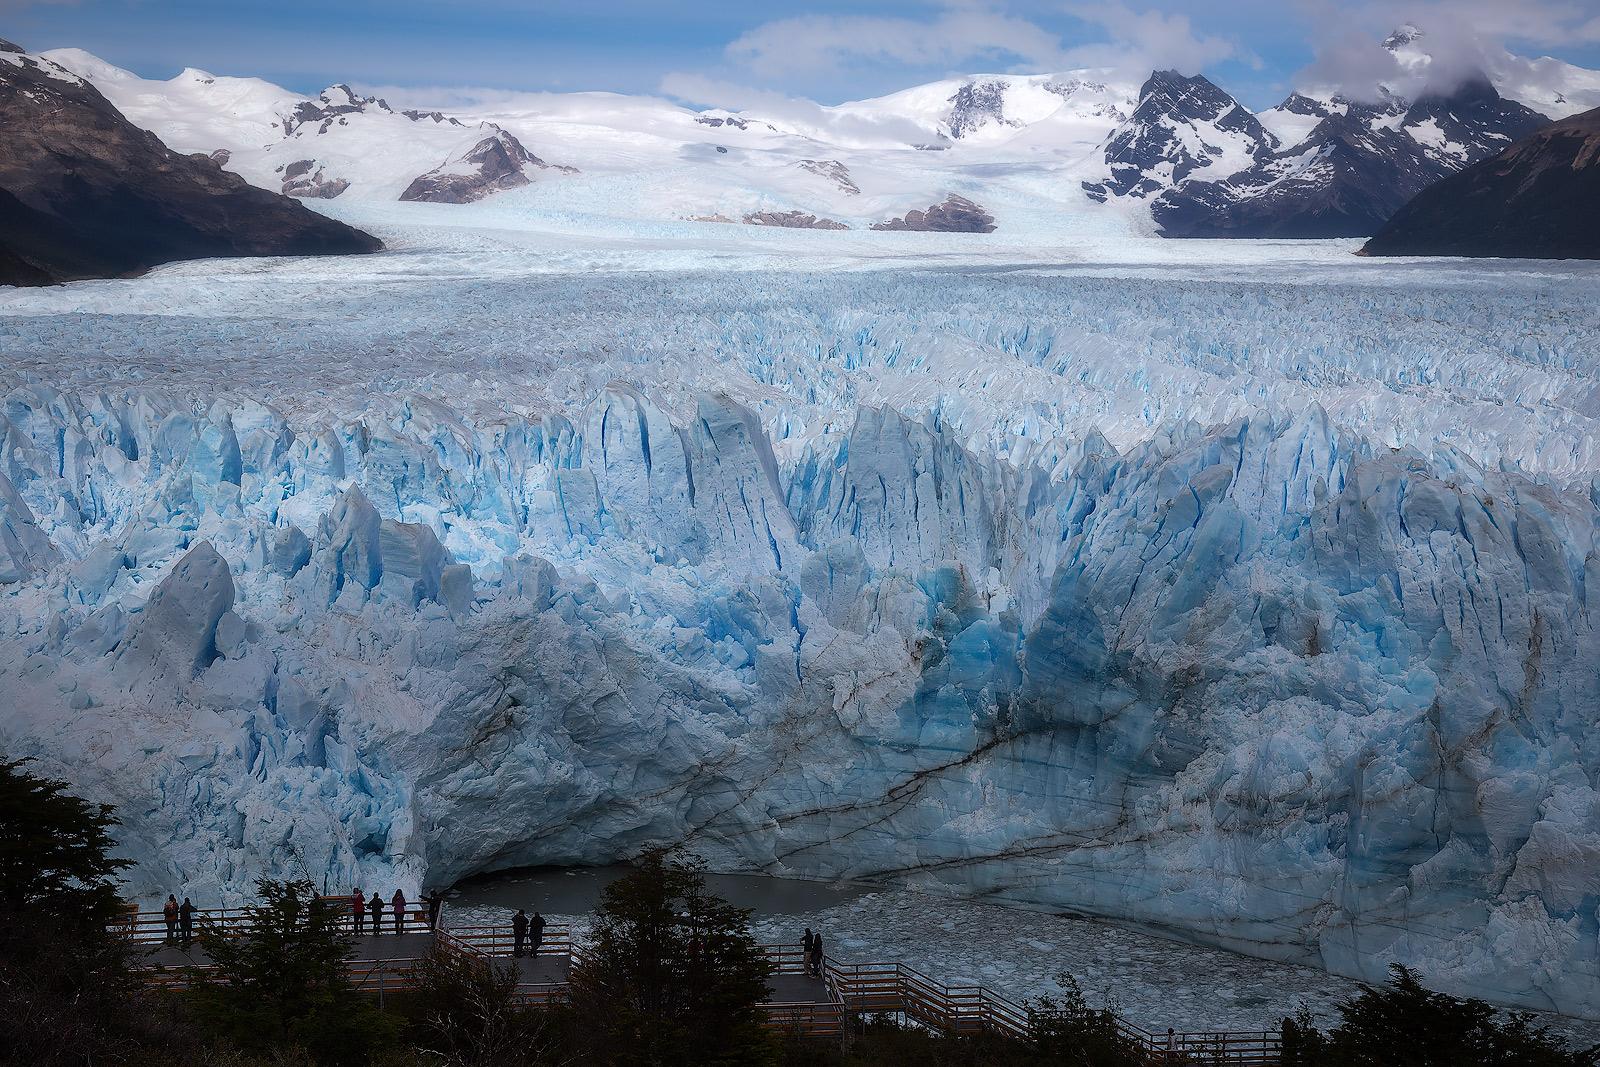 Spring, afternoon, andes mountains, argentina, beautiful, blue, glacier, ice, landscape, los glaciares national park, patagonia, perito moreno glacier, snow, south america, photo